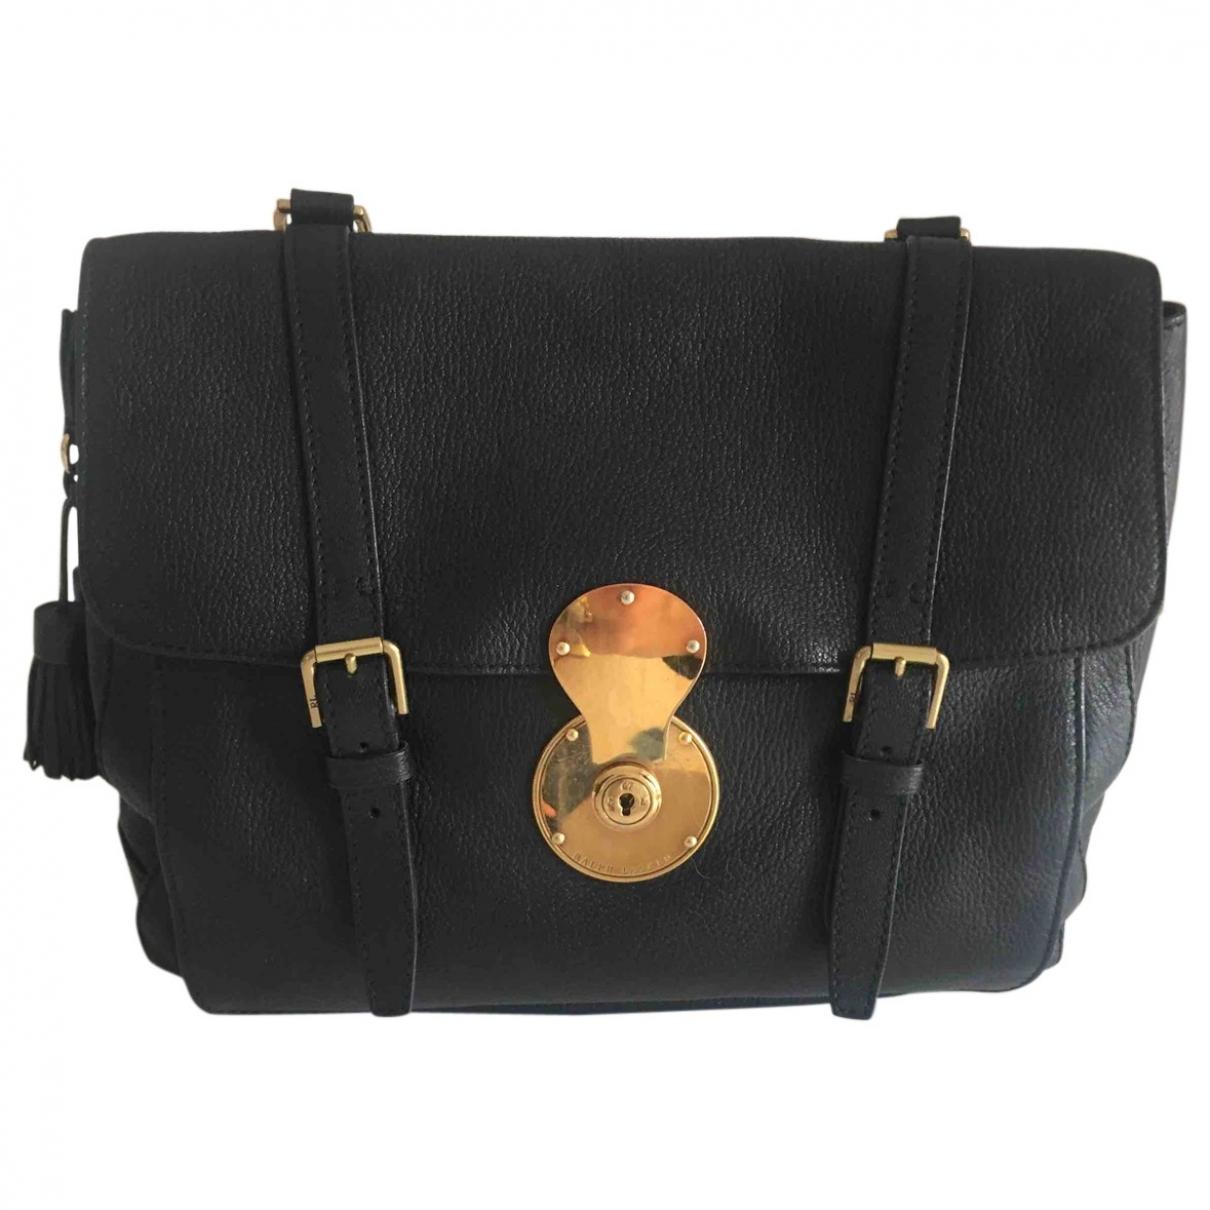 Ralph Lauren \N Black Leather handbag for Women \N